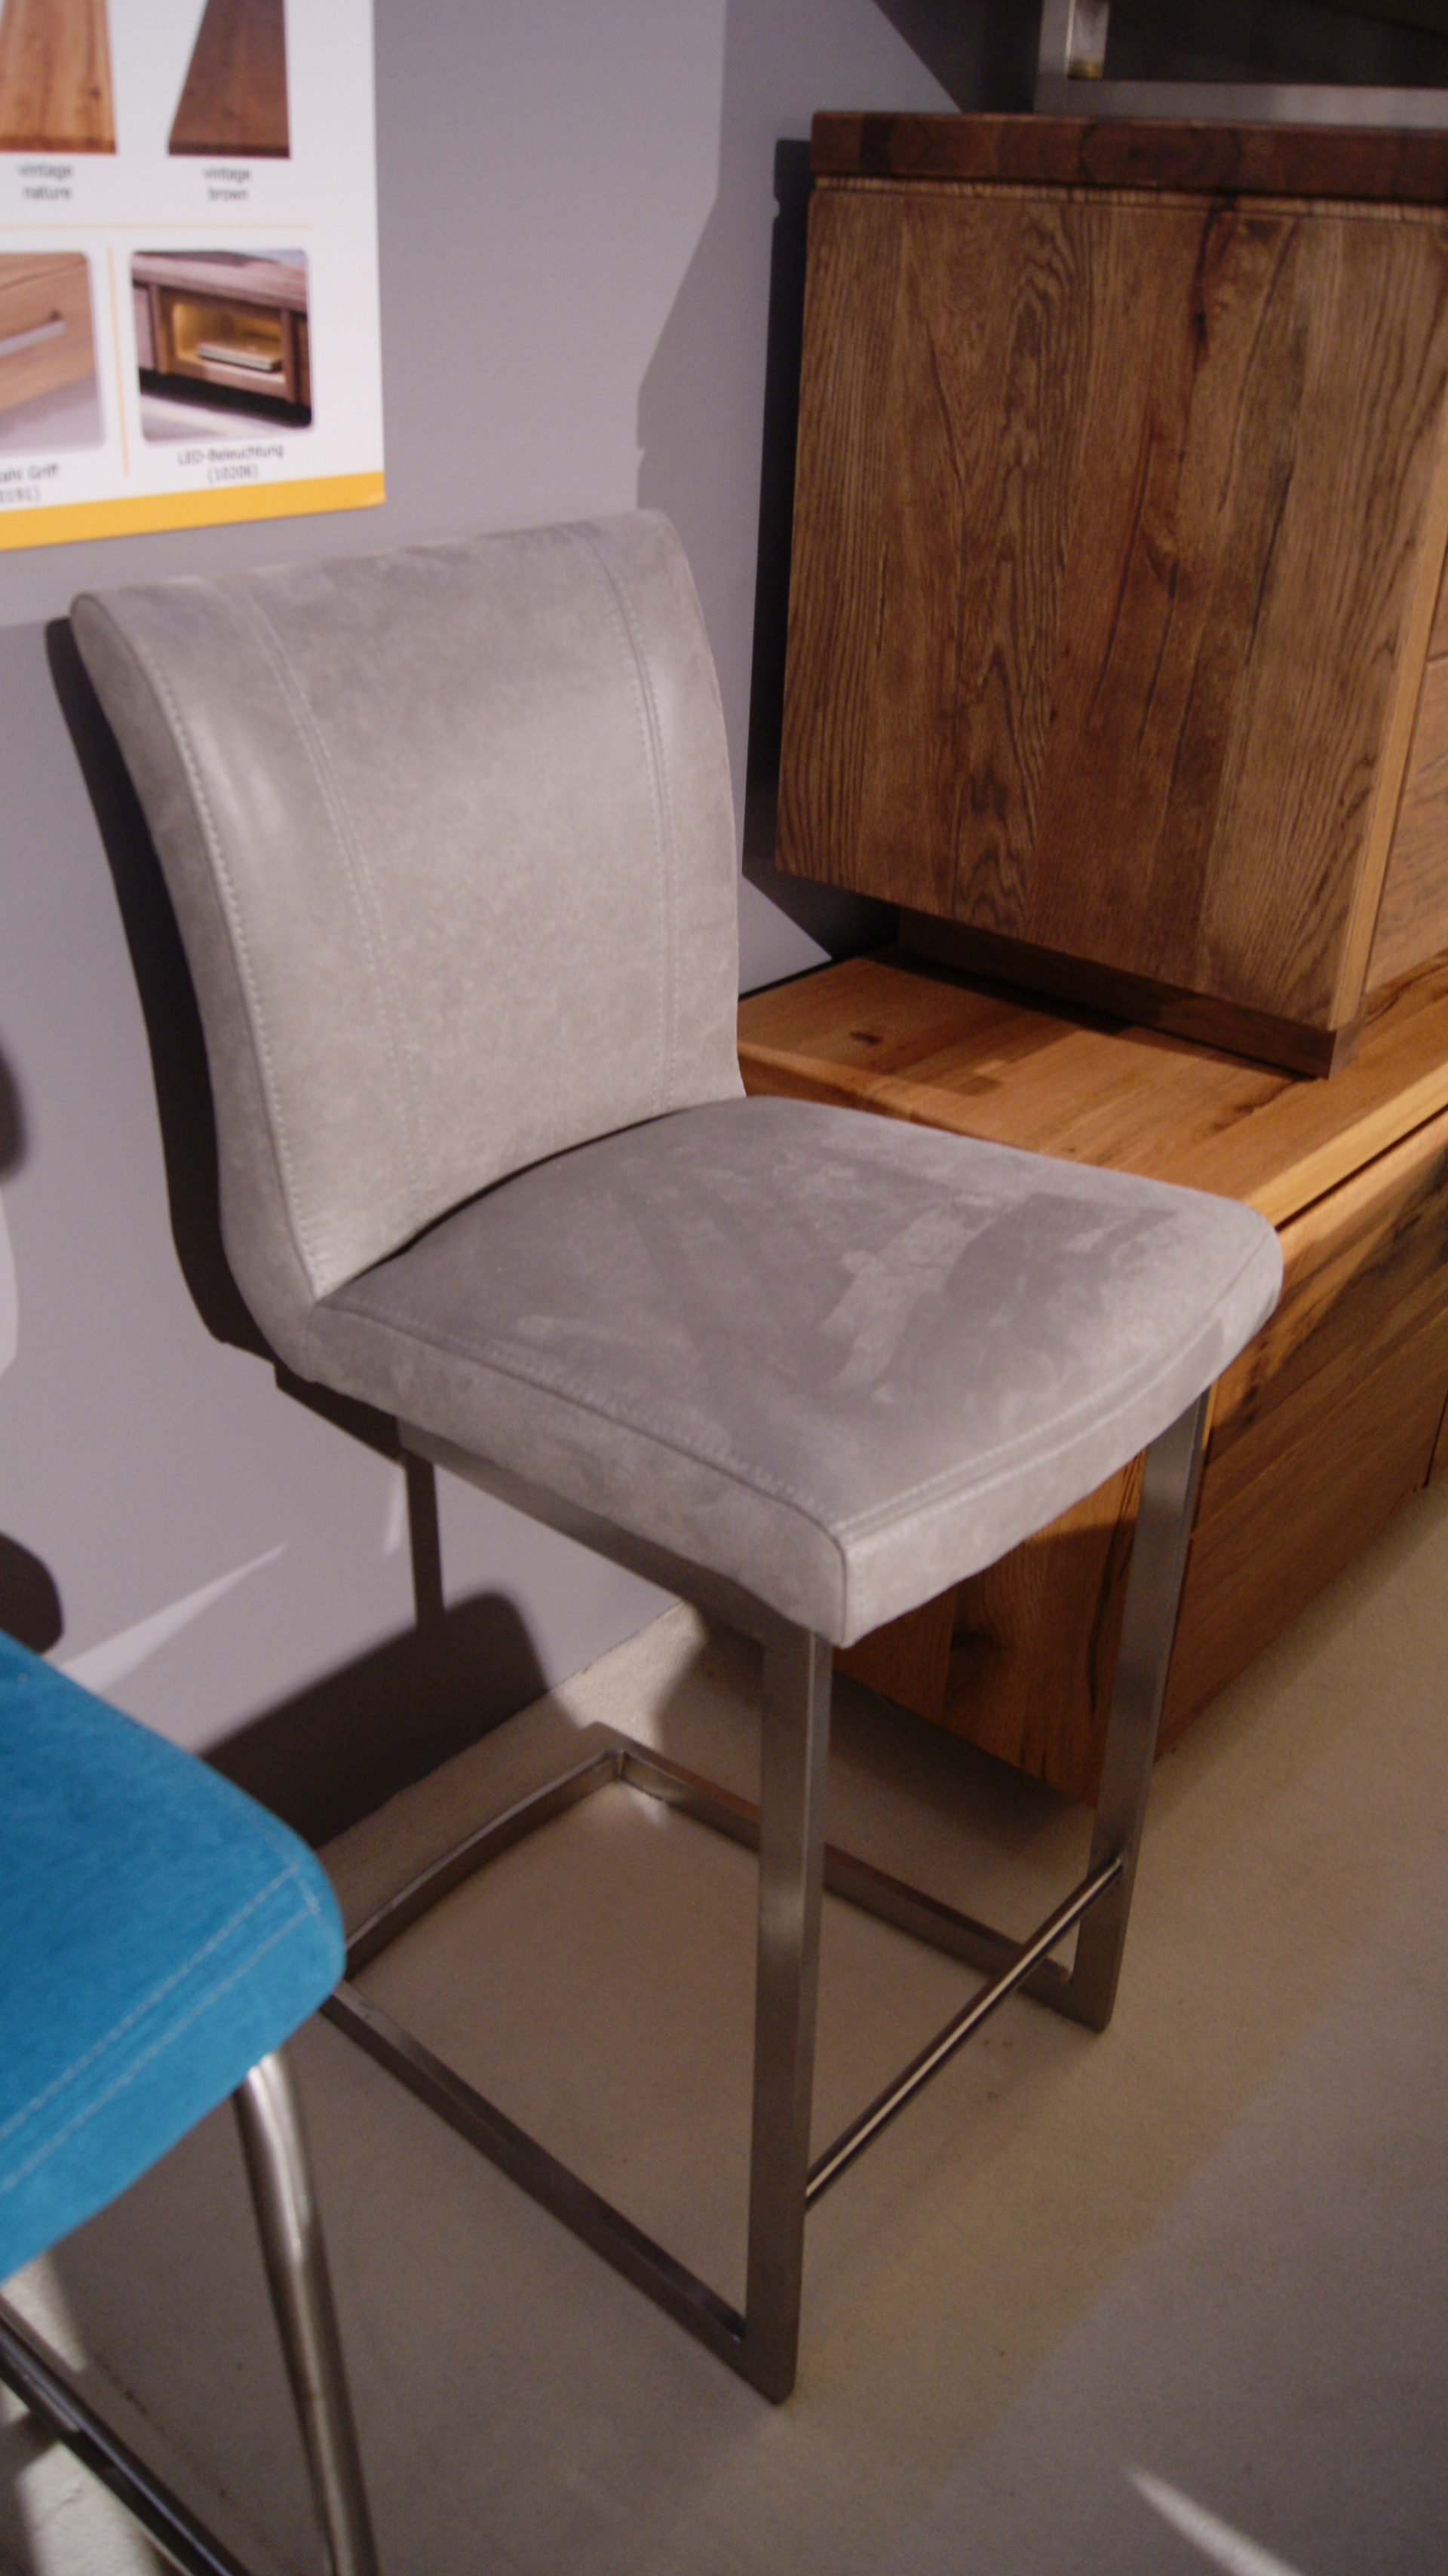 Möbel Busch Räume Esszimmer Stühle Bänke Möbel Busch